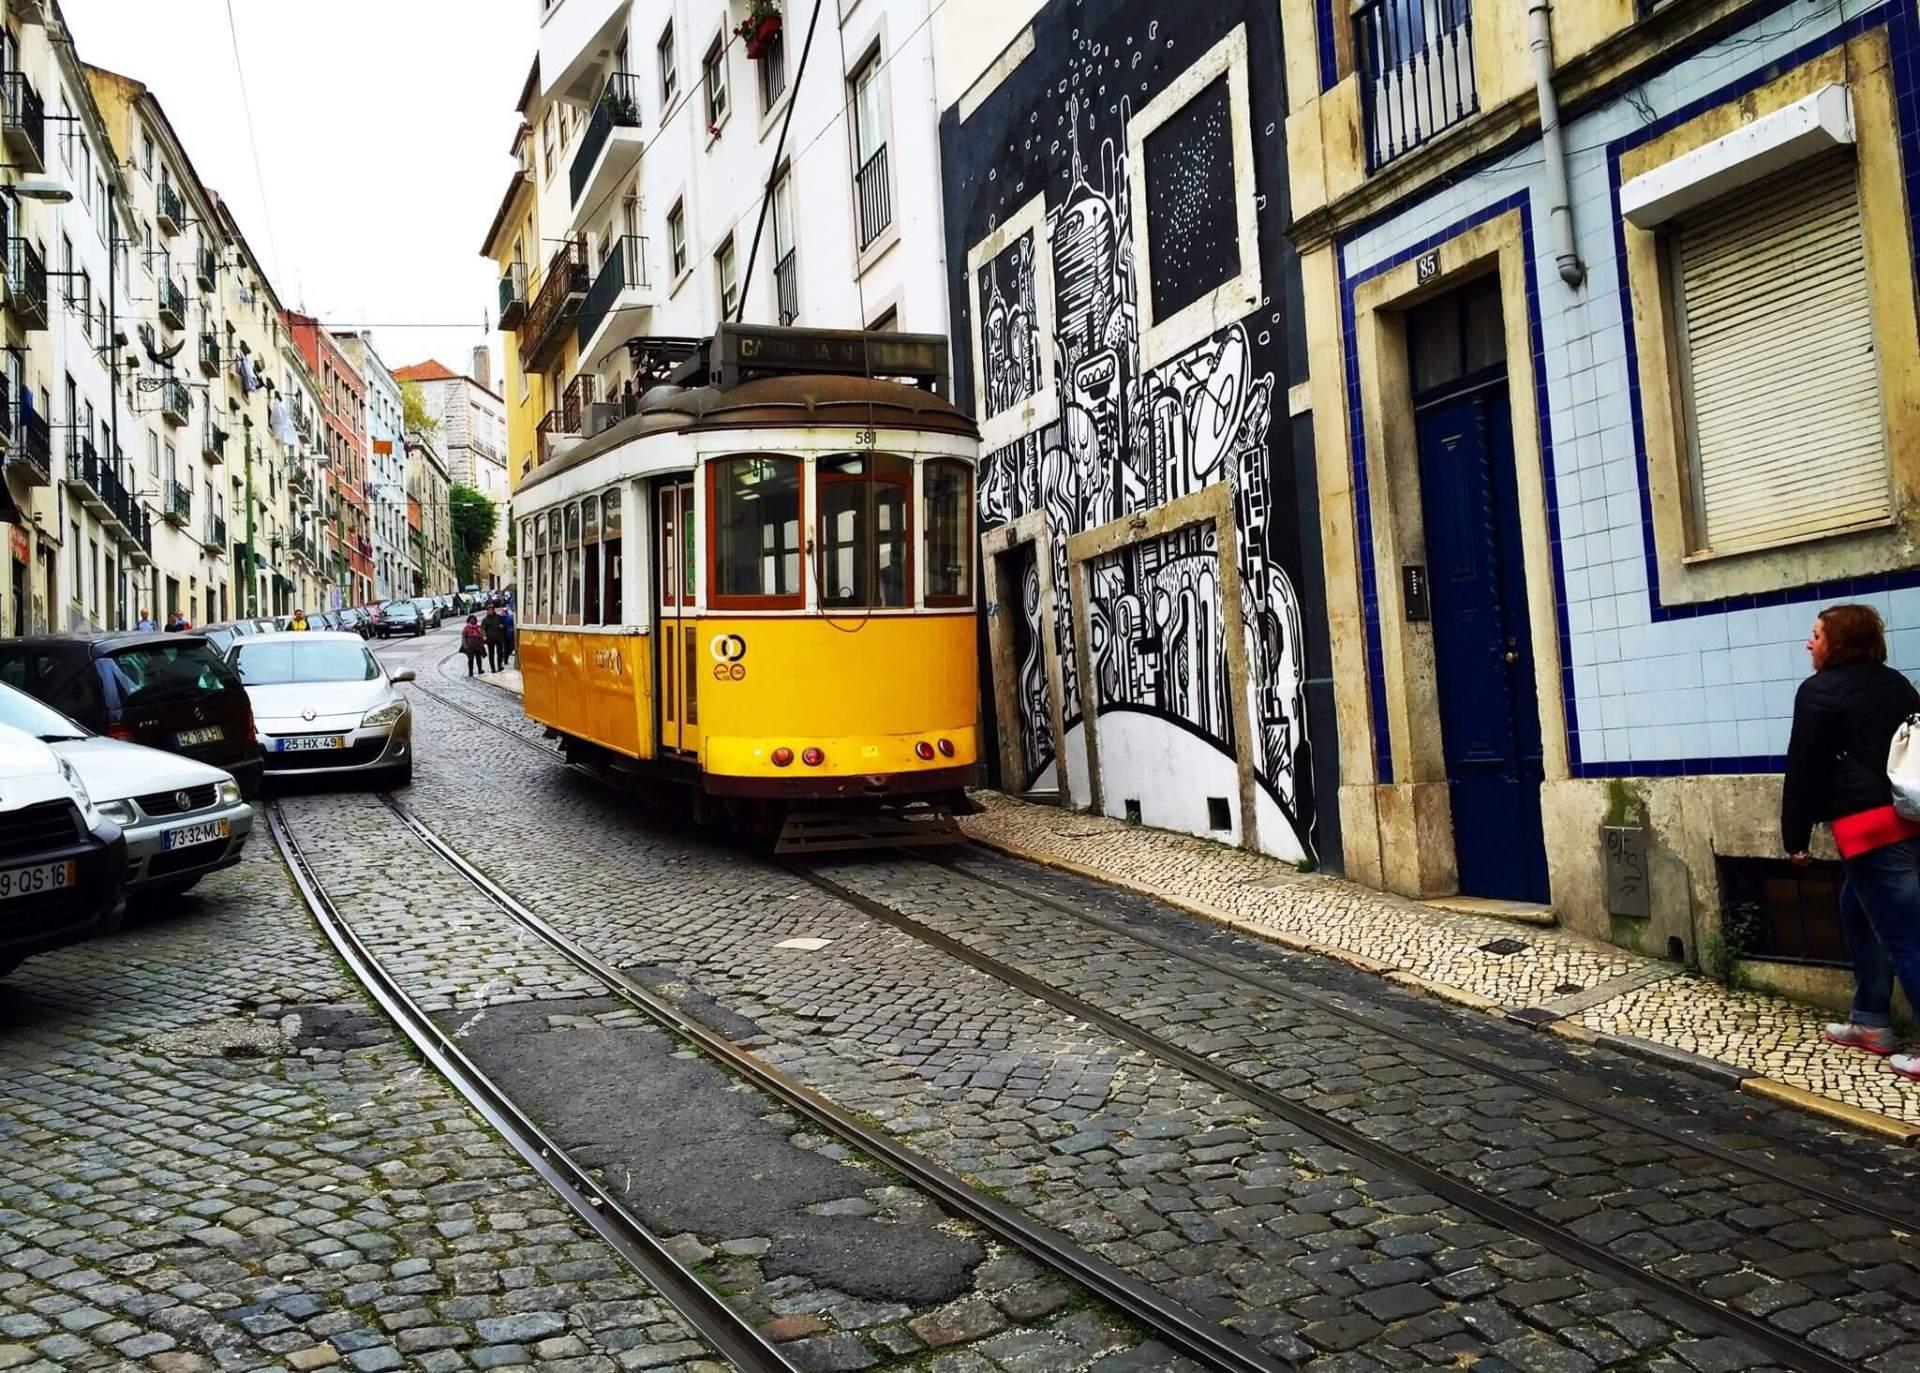 Lisbon-streets-Lisbonne-rue-cable-car